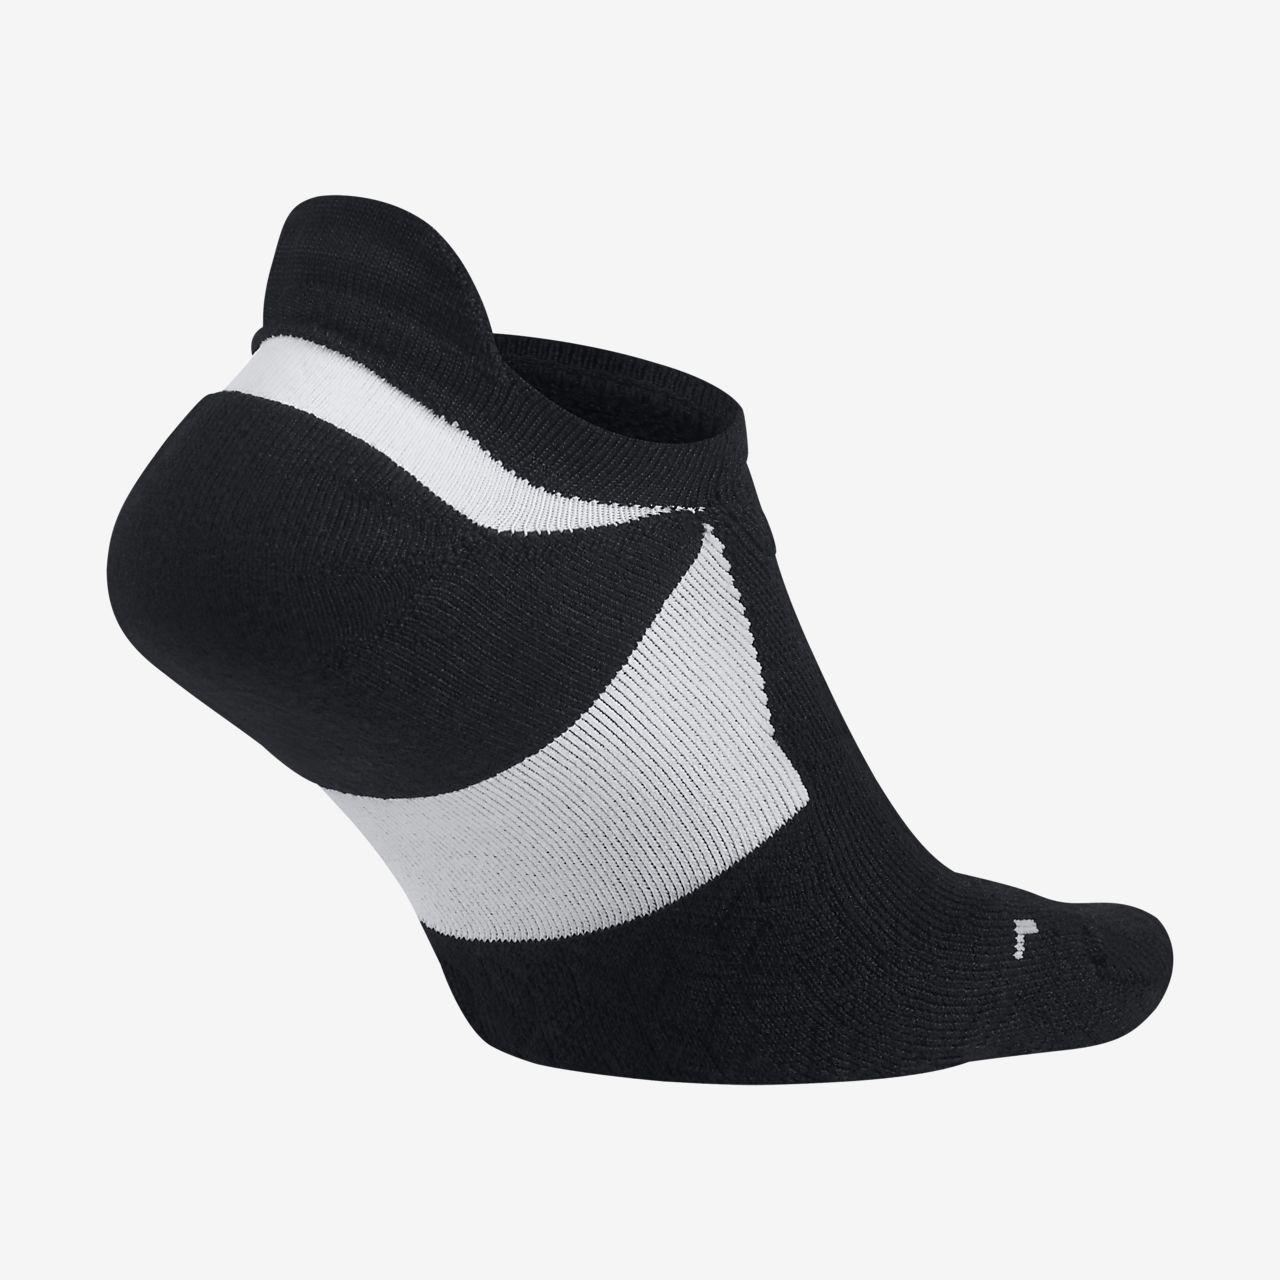 Nike Elite Cushioned No-Show Mitjons de running